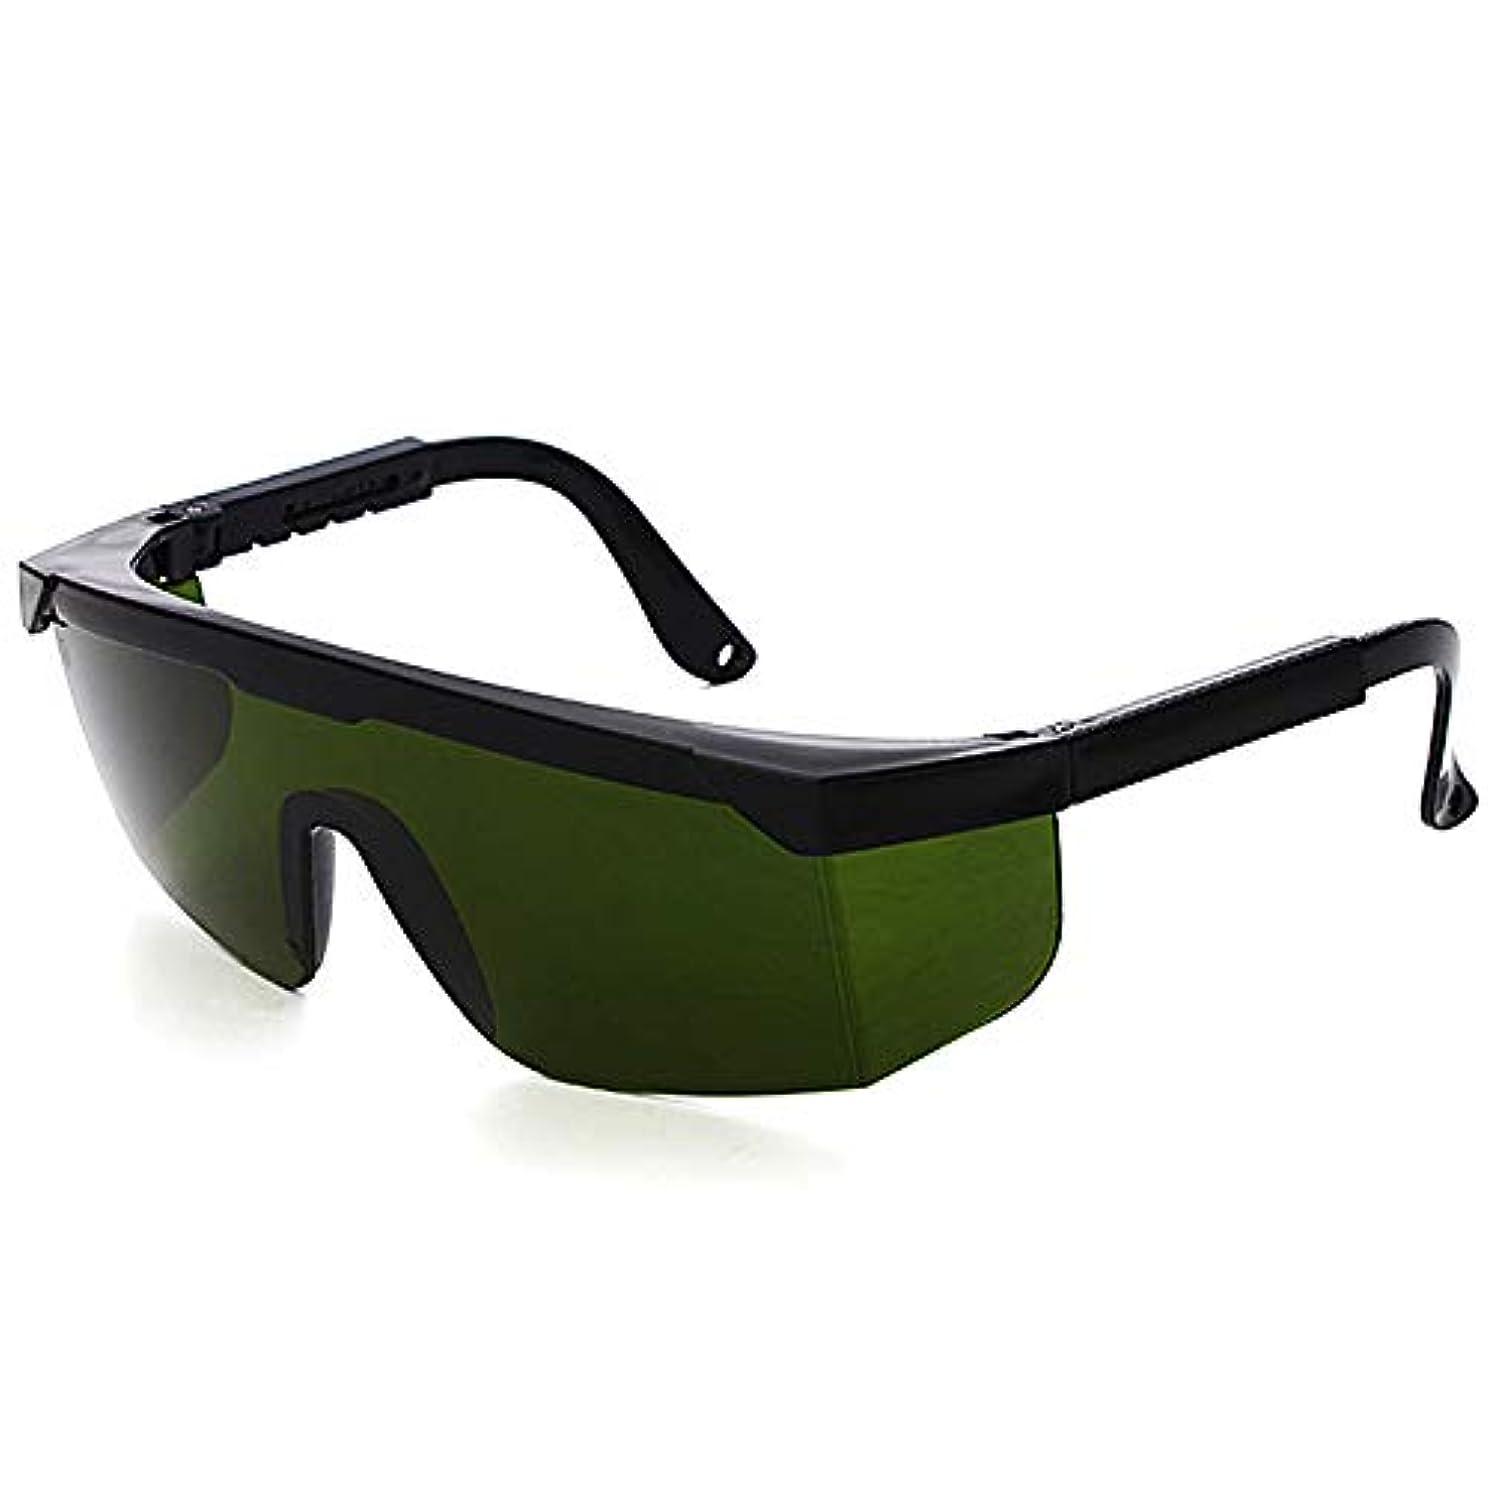 ハンサムアナニバー統治可能Jiayaofu レーザー保護メガネIPL美容機器メガネレーザーペアIPLメガネ、安全メガネ